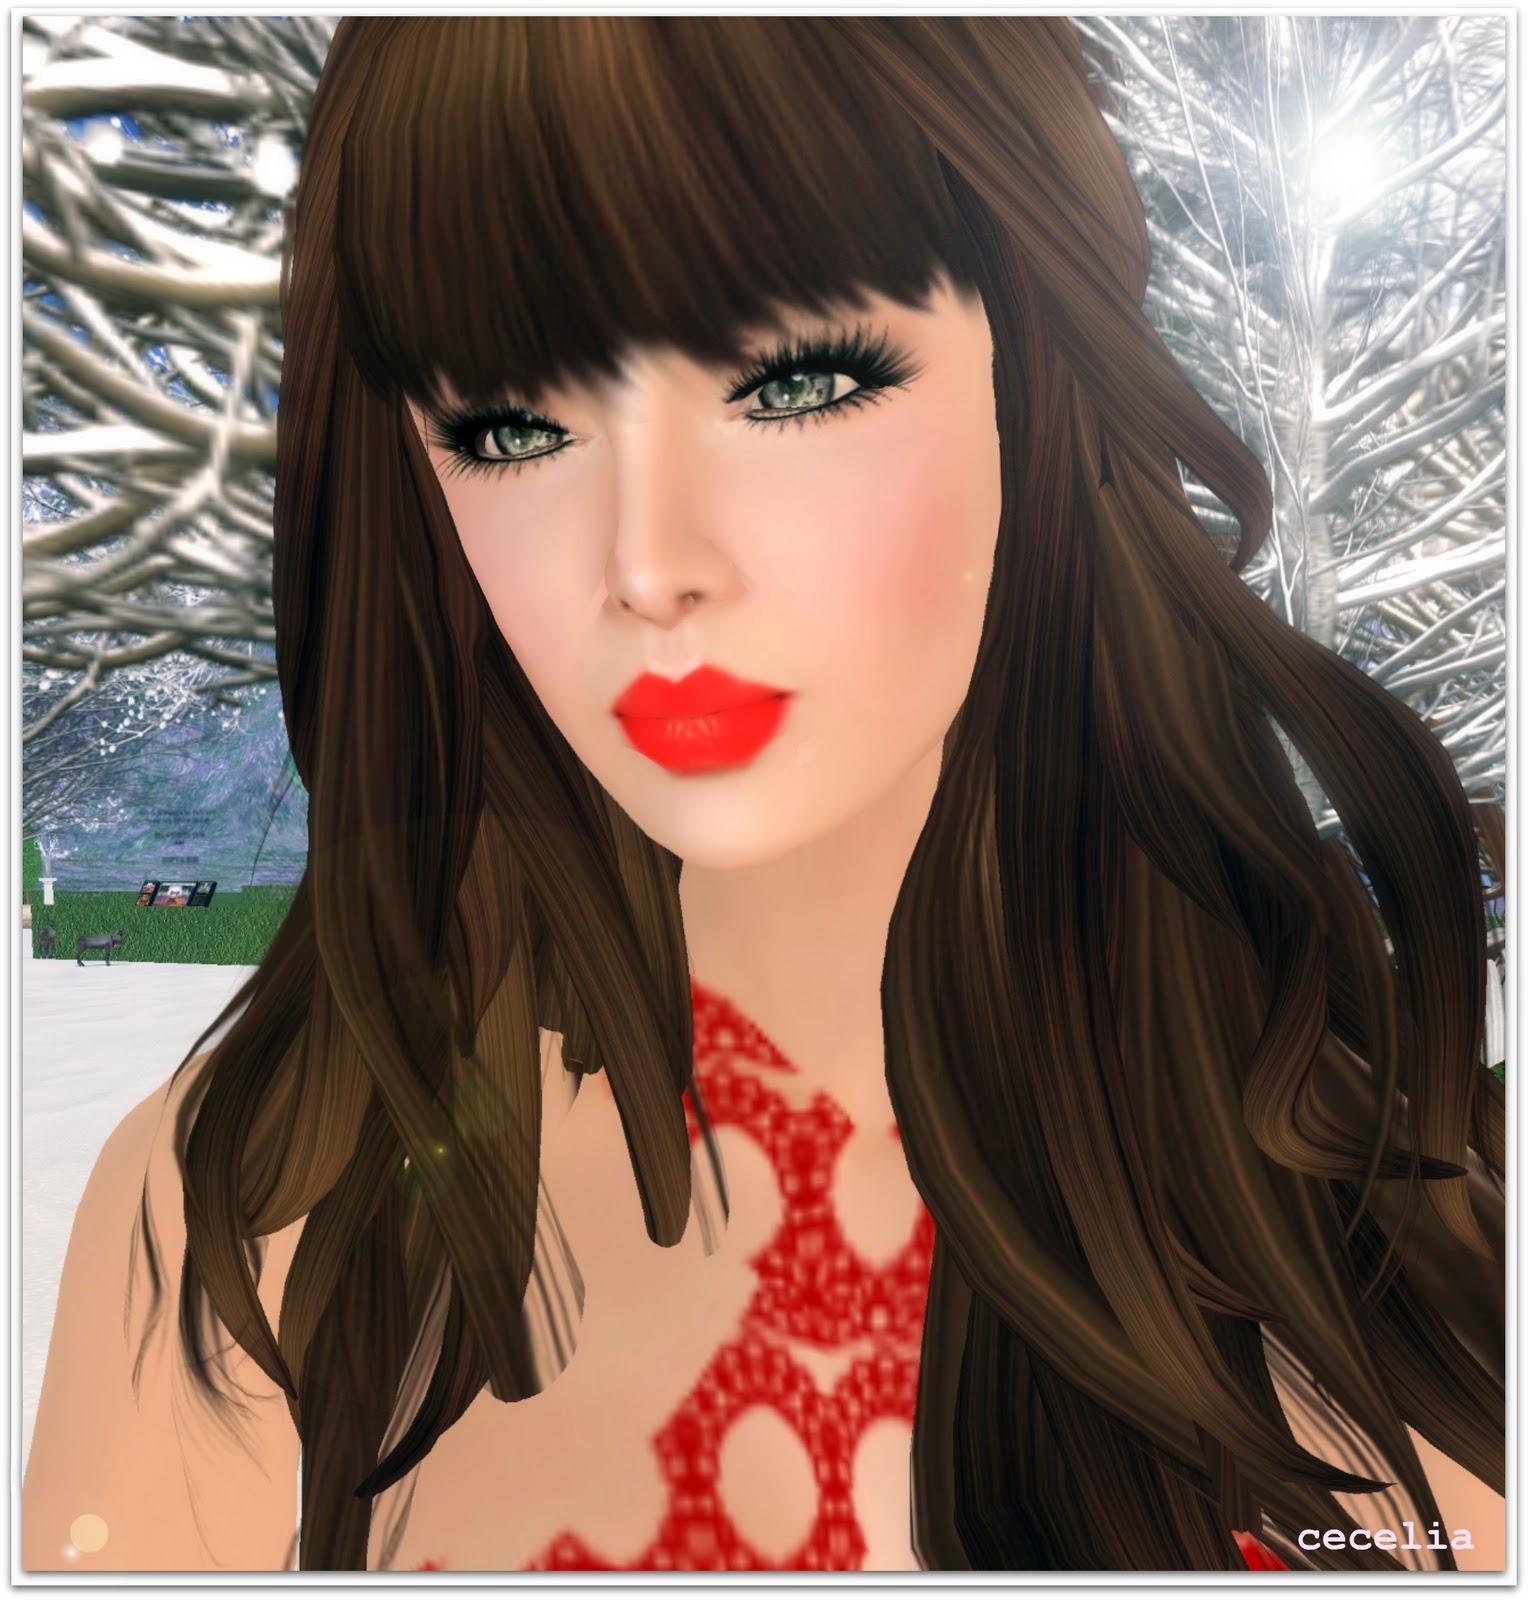 Sharlotta S Images